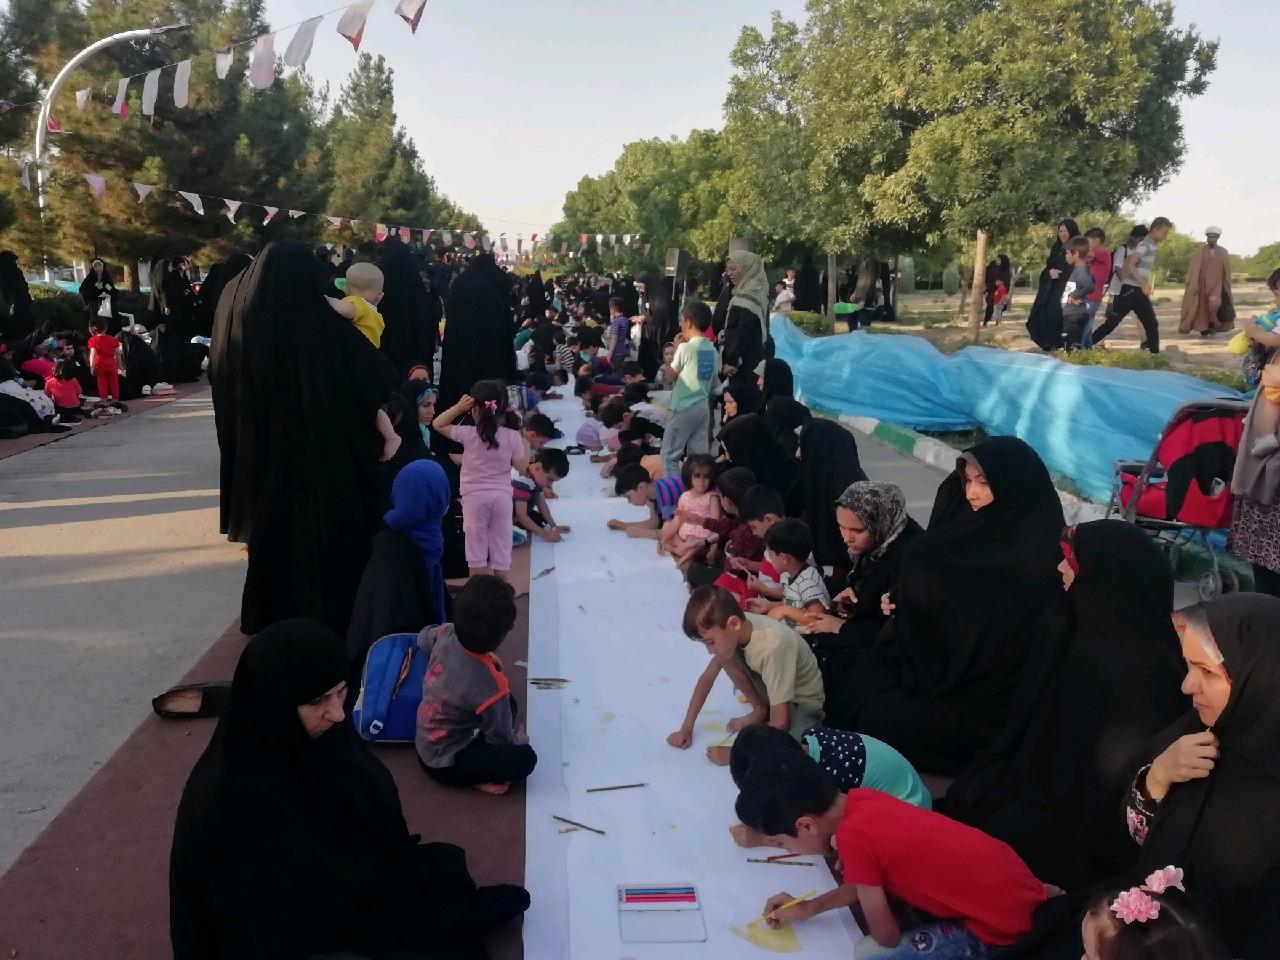 برگزاری مسابقه نقاشی ویژه دهه کرامت در حاشیه شهر مشهد